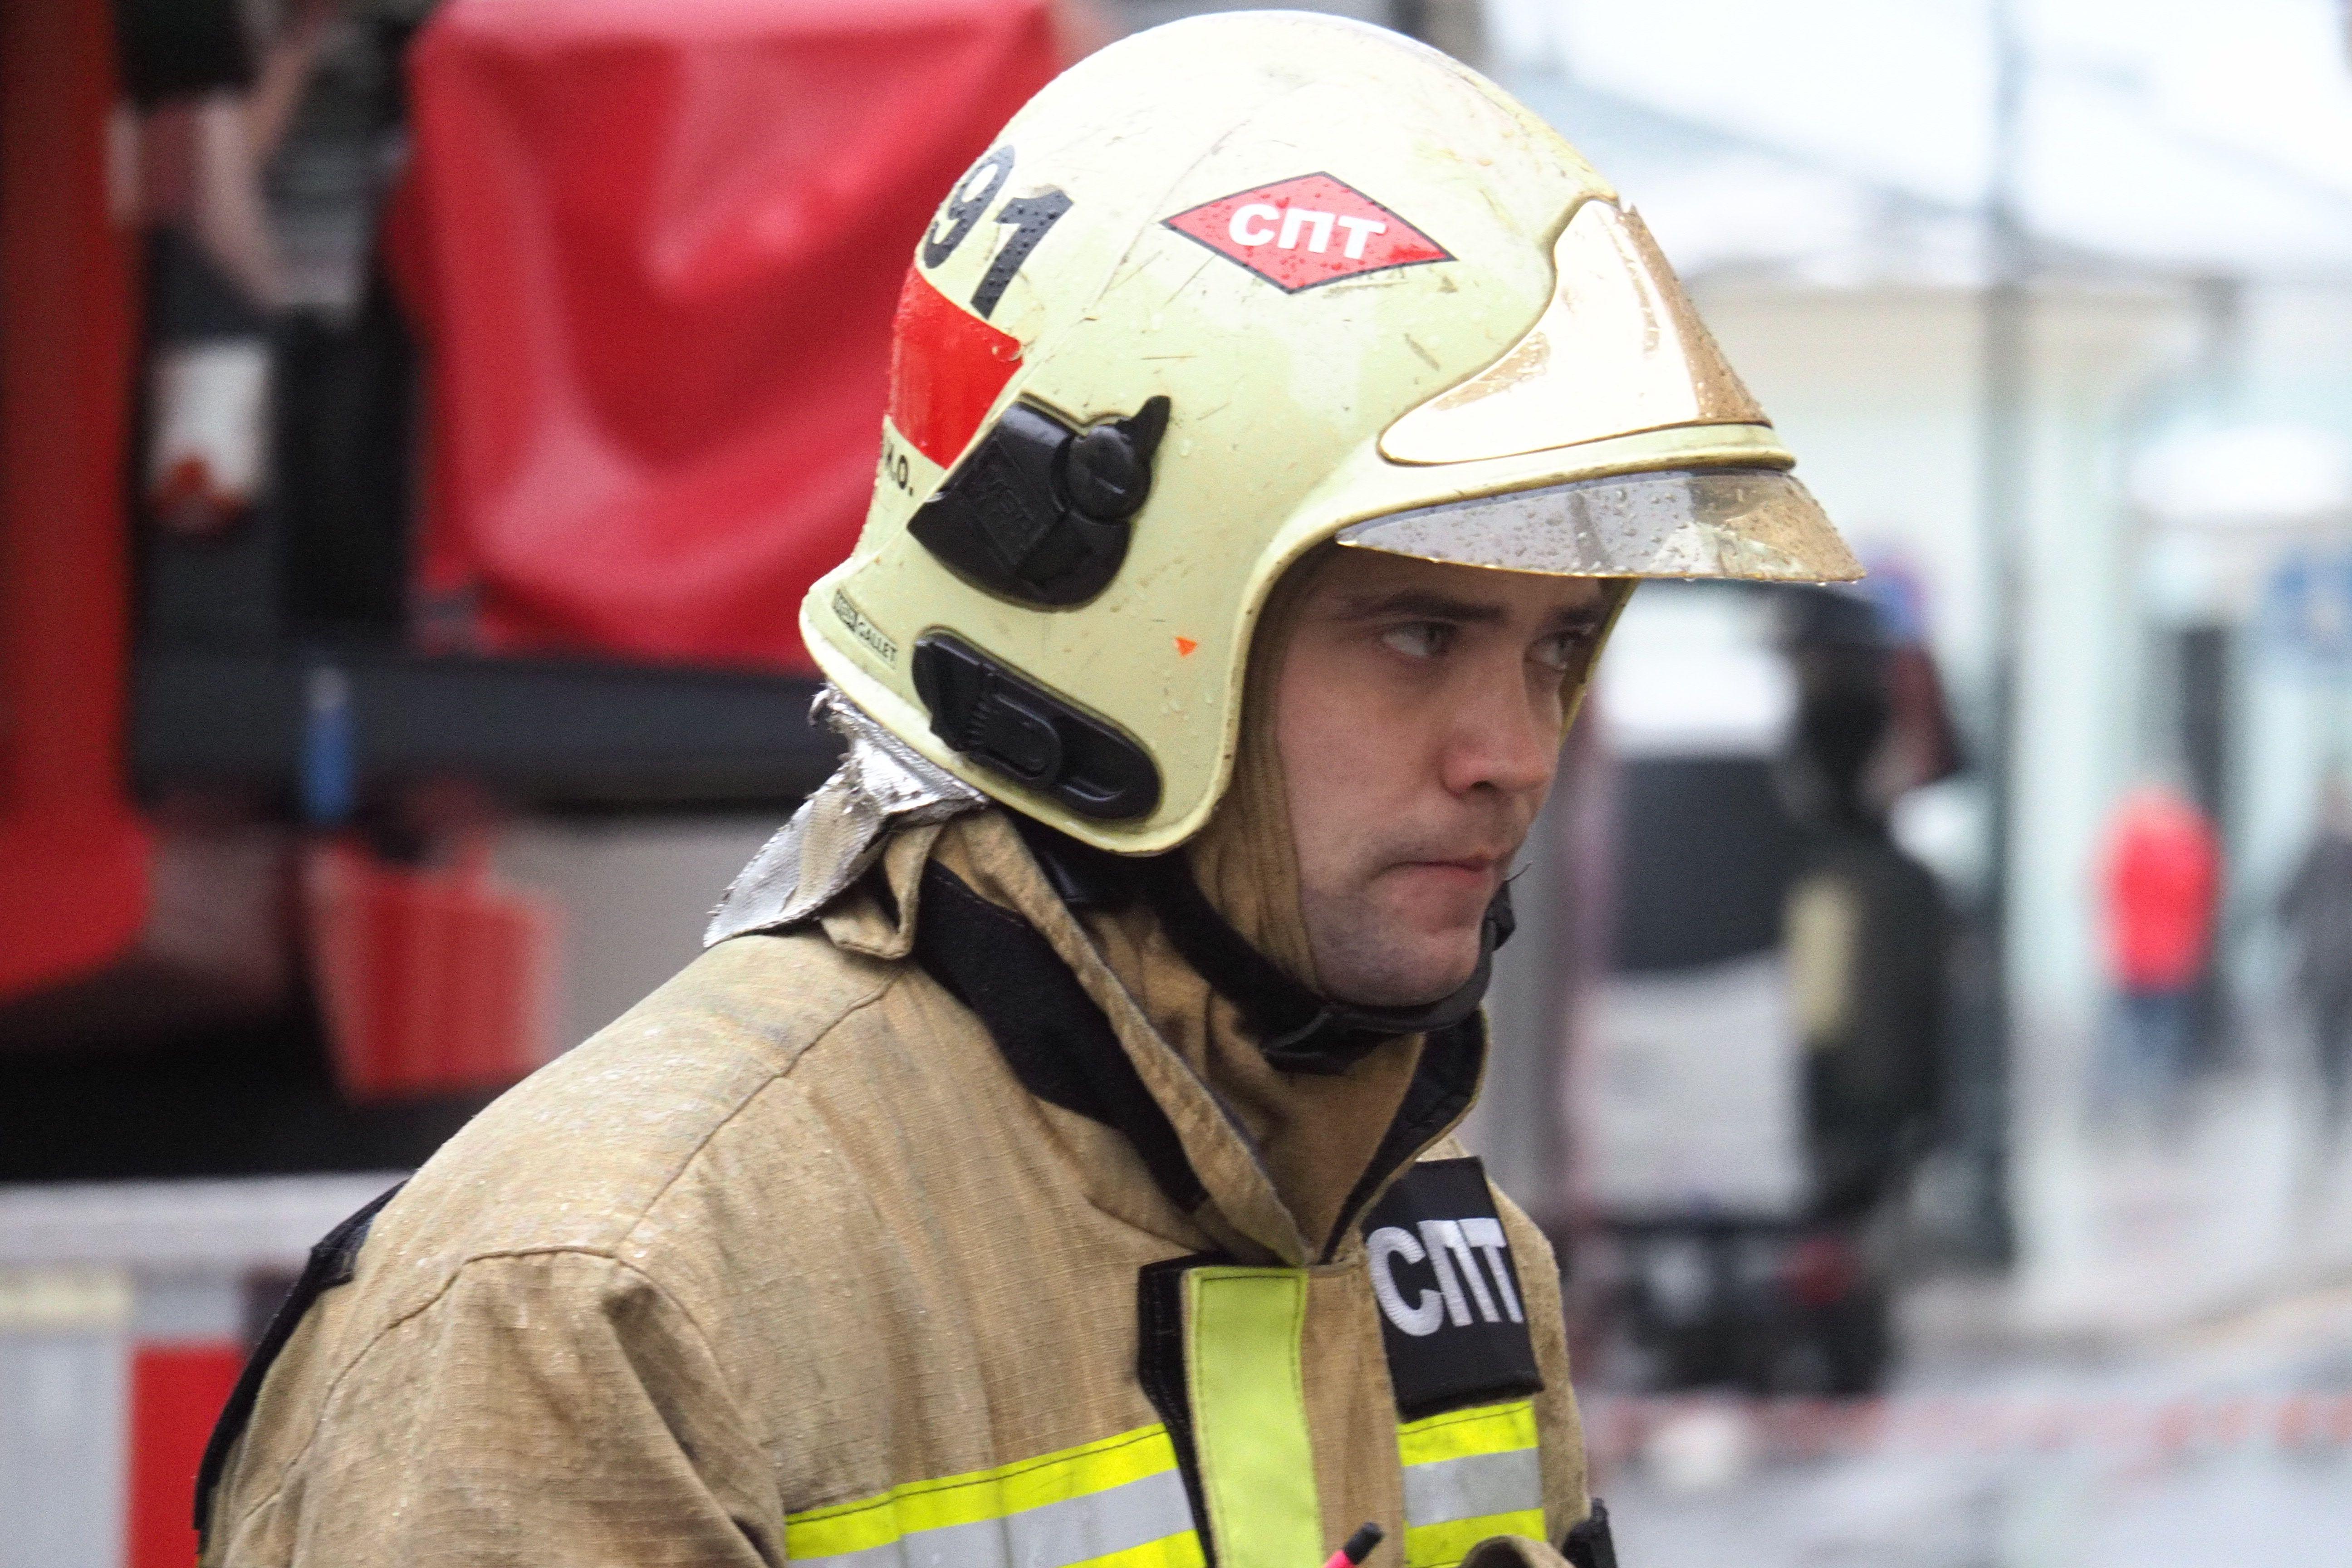 МЧС потушило смертельный пожар на юге Москвы